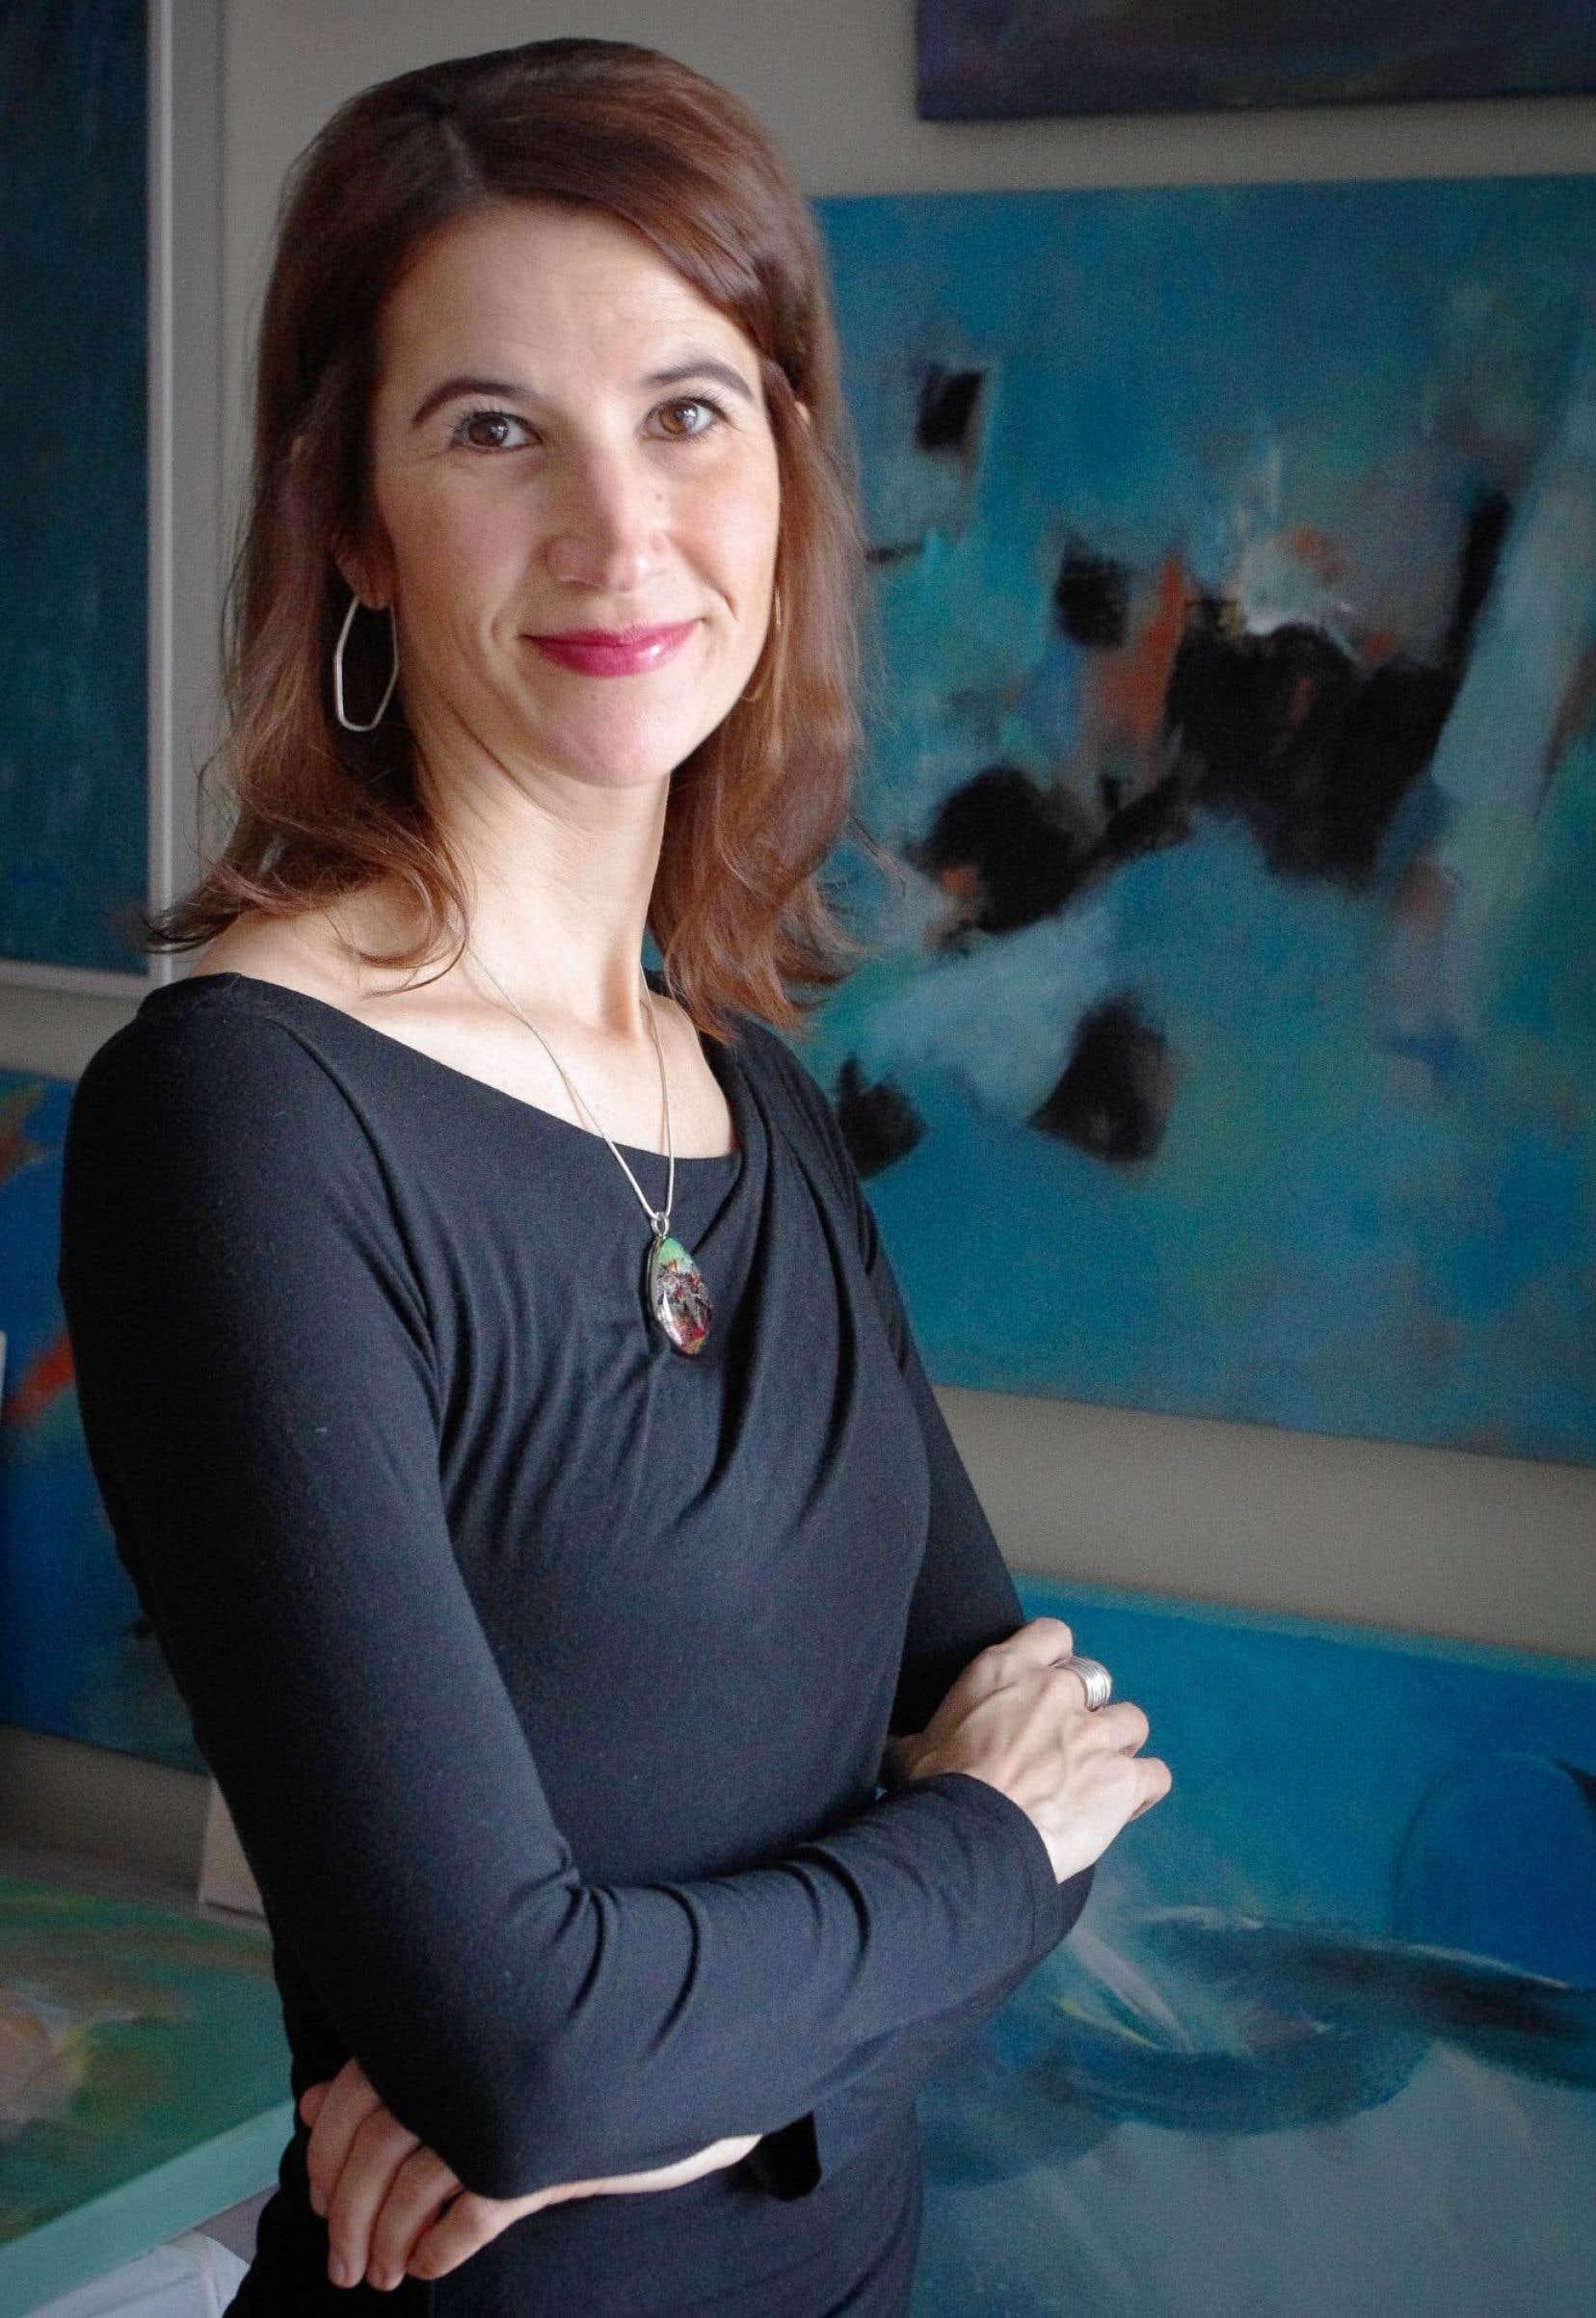 Histoire aigre-douce de mémoire affective, «Le musée des espèces disparues», de Nina Berkhout, explore la relation tendue et complexe entre deux sœurs.